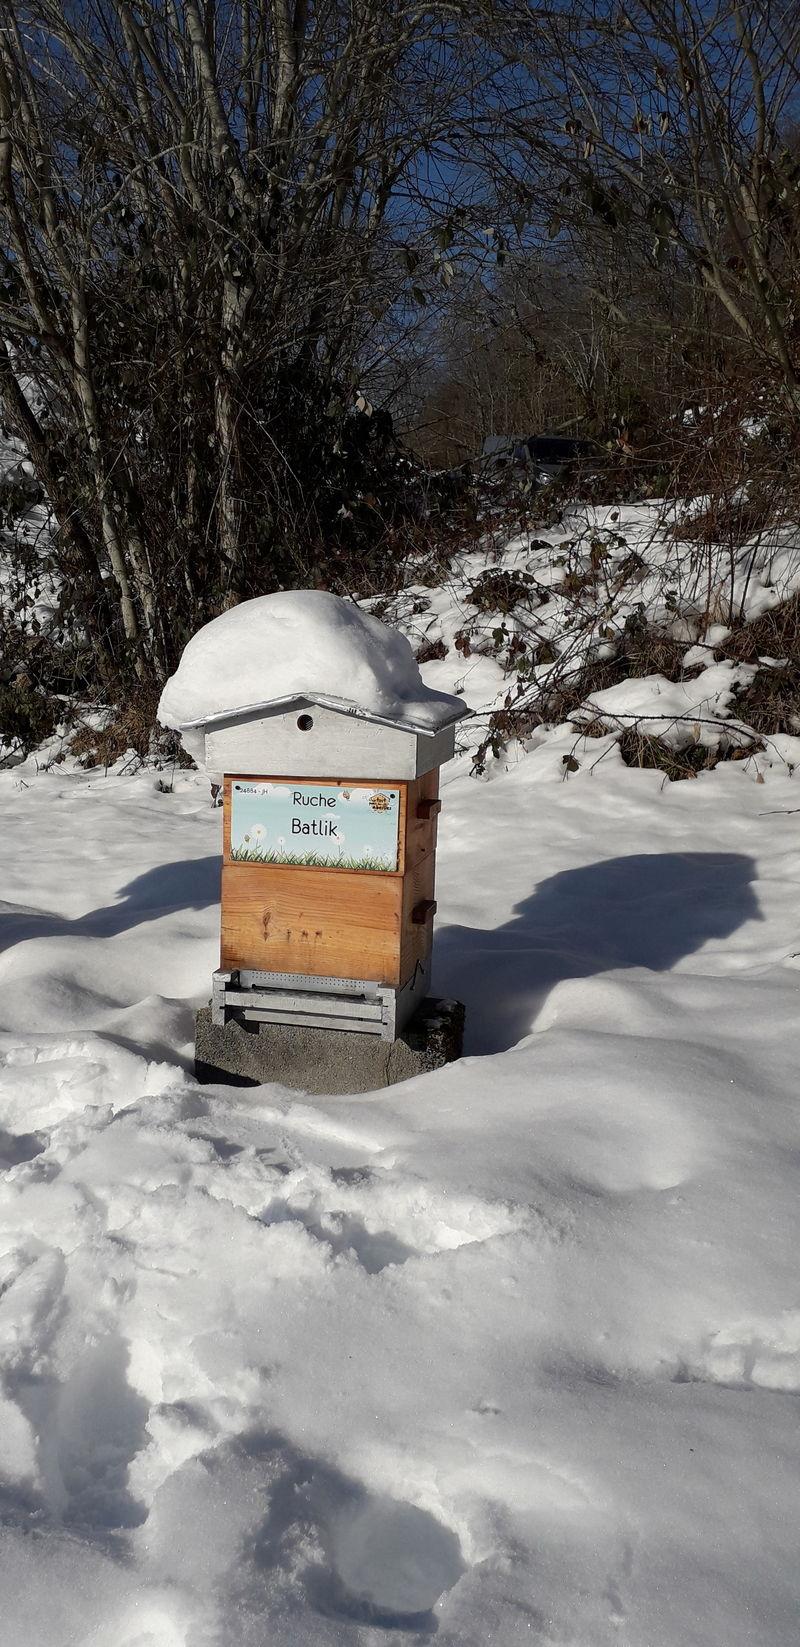 La ruche Batlik